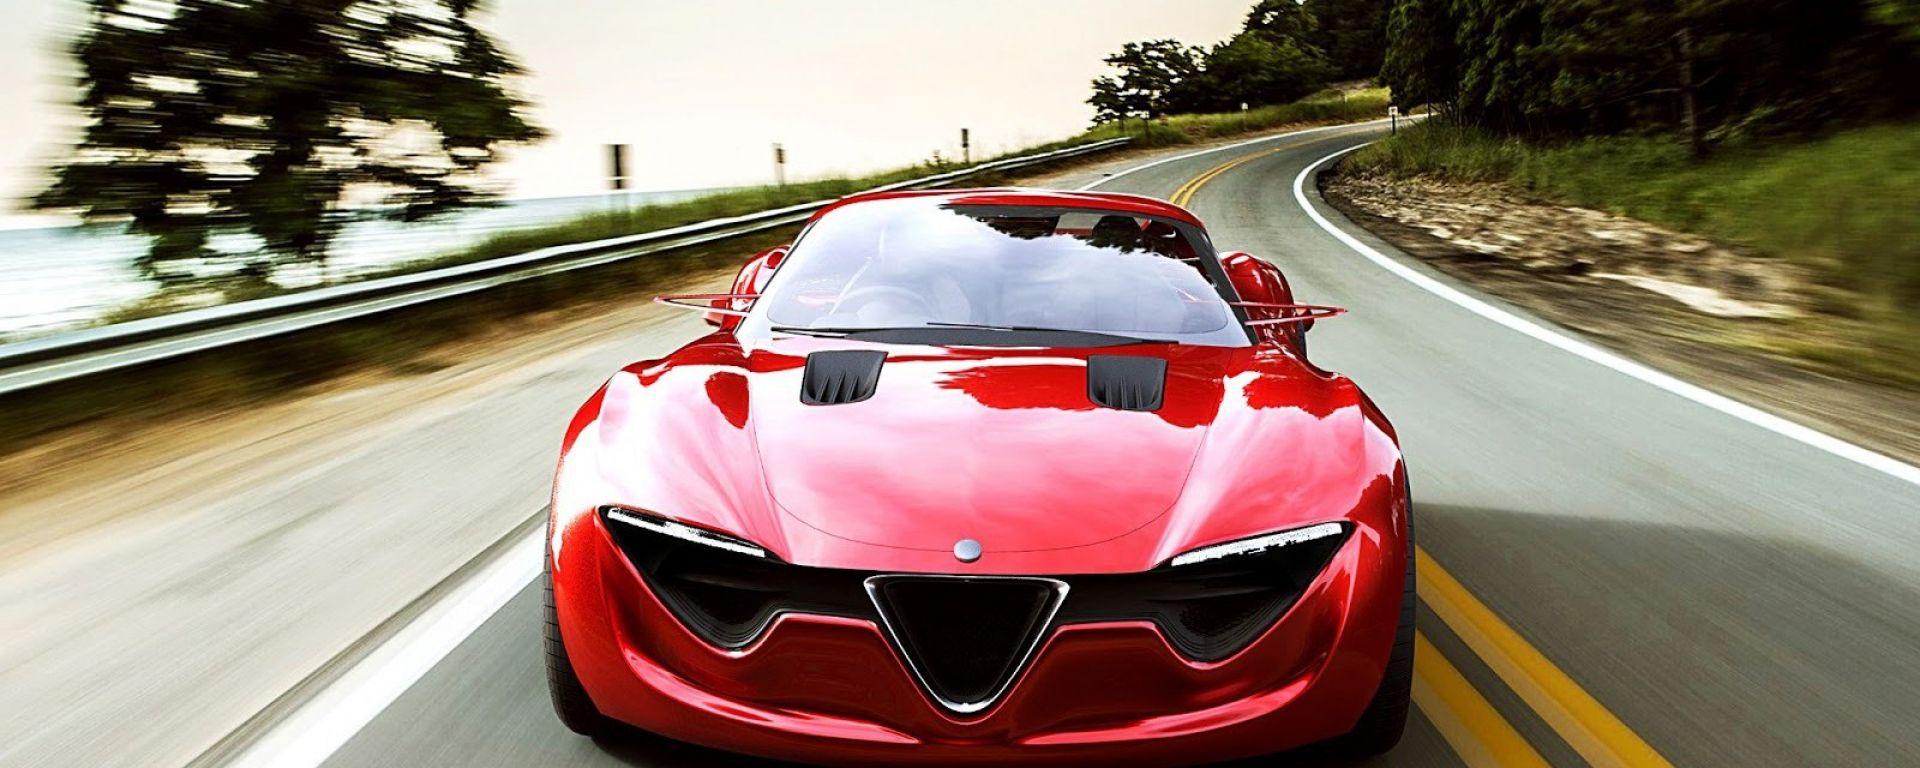 X Lg on Alfa Romeo 4c